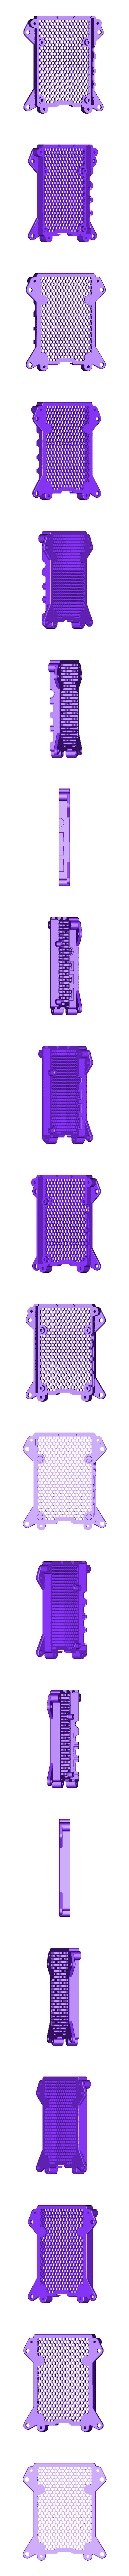 BOTTOM_75MM_VESA.STL Télécharger fichier STL gratuit Étui Pi 4B Framboise Framboise • Objet pour imprimante 3D, mkellsy